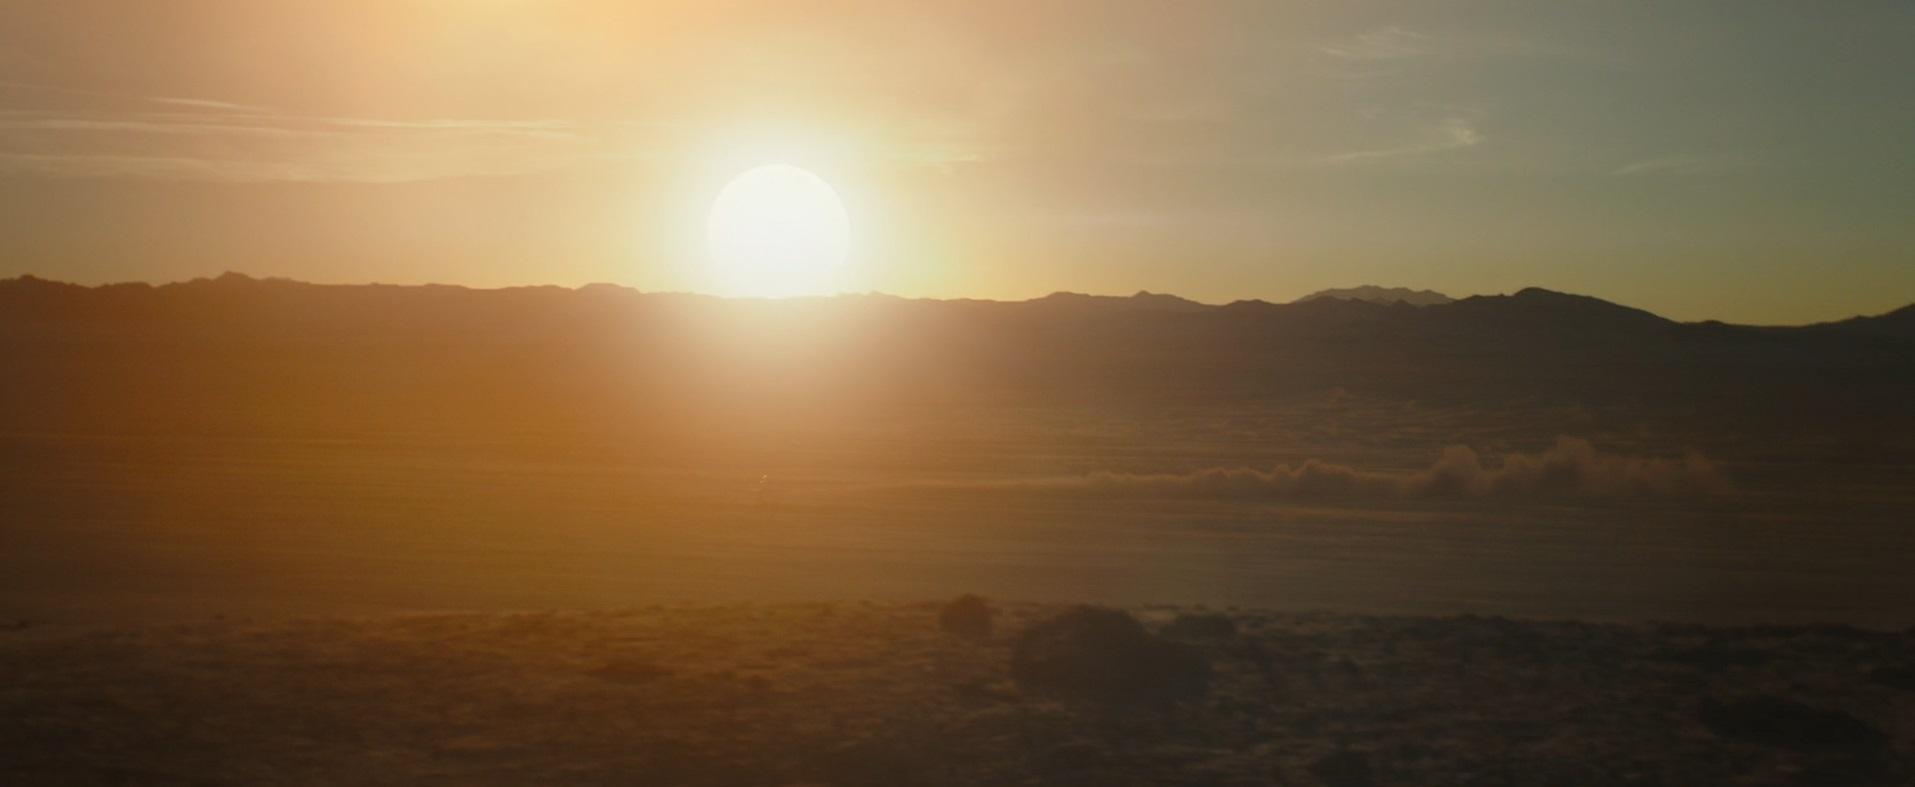 Мнение о 2 сезоне сериала «Мандалорец». Все еще лучшие «Звездные войны»